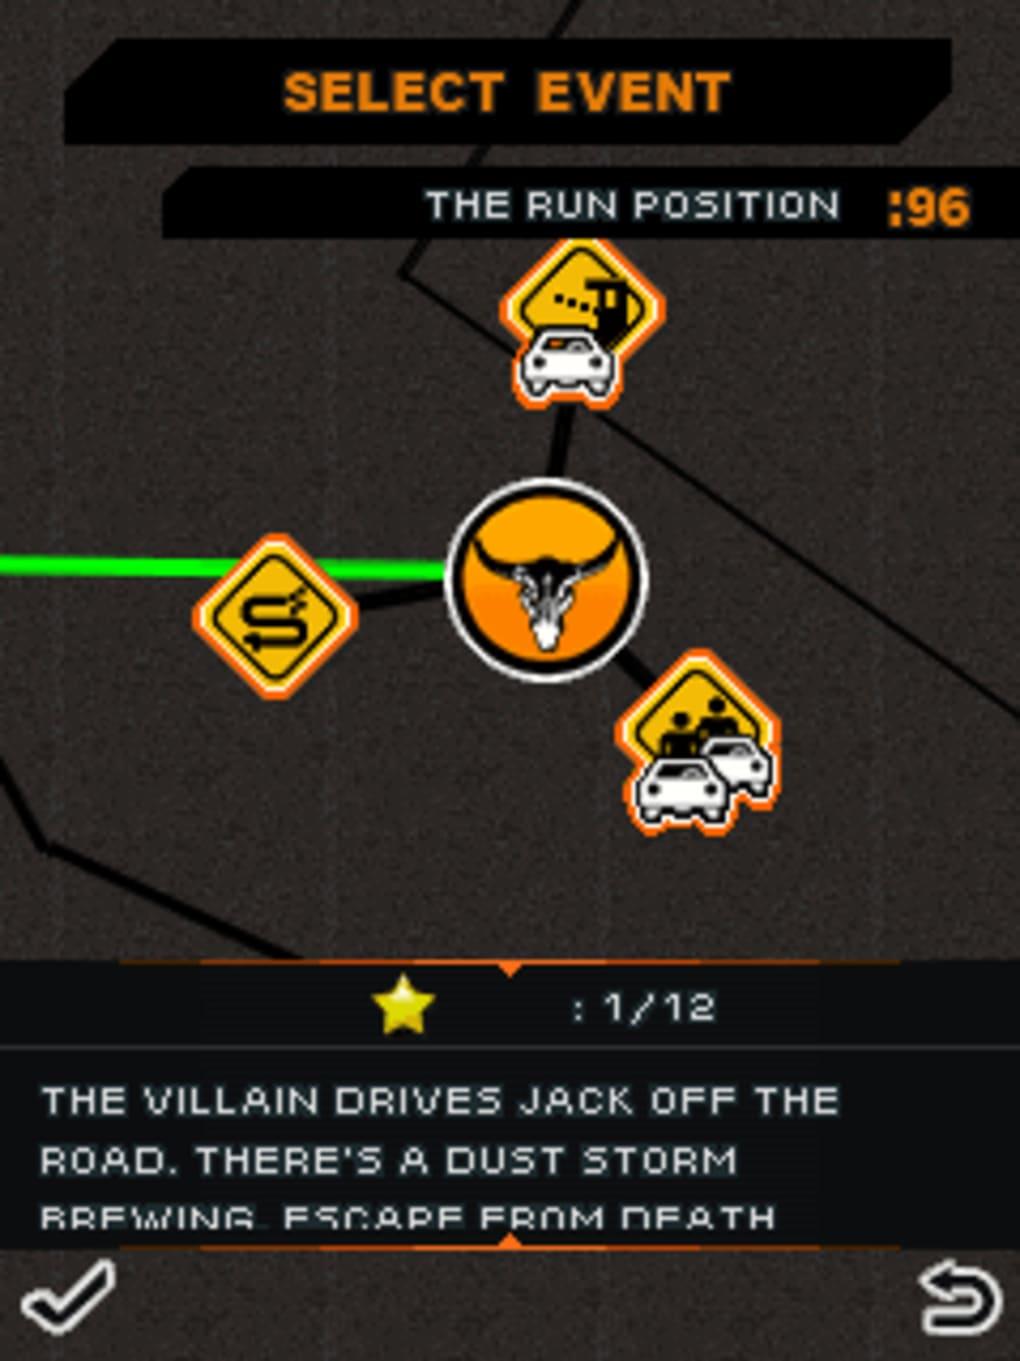 Télécharger Need for Speed Underground 2. Mettez-à-niveau votre voiture et défiez un autre pilote. EA Games vous propose une nouvelle version du célèbre Need for Speed Undeground. Dans Need for Speed Underground 2, vous allez défier les autres conducteurs, au fur à mesure que vous évoluez dans la compétition